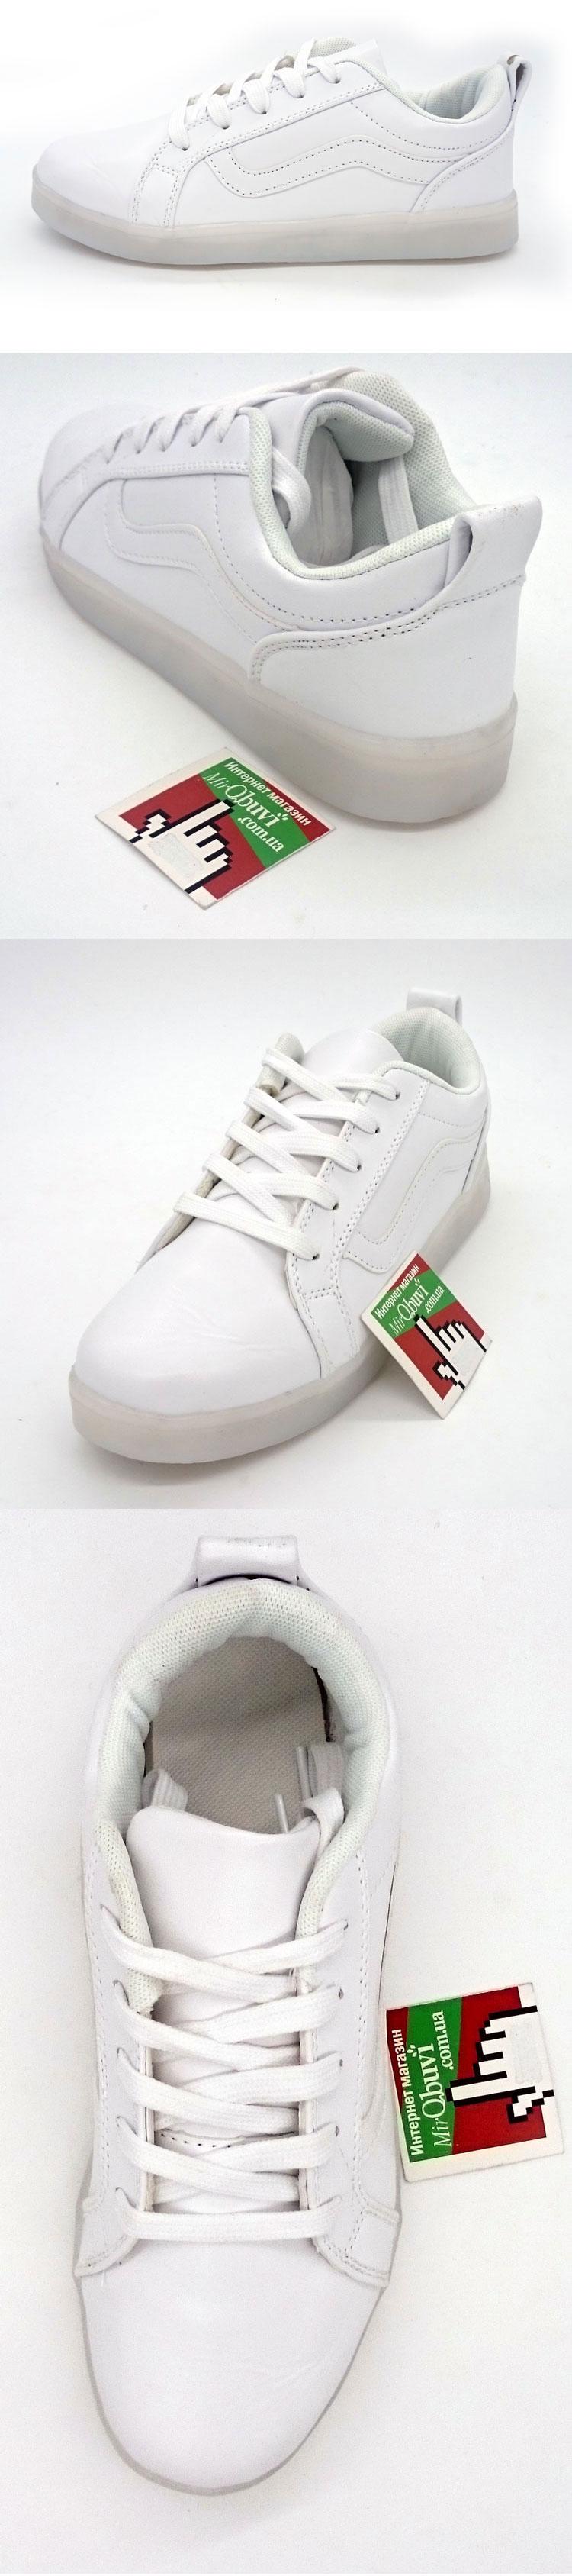 большое фото №5 Светящиеся кроссовки LED old skool белые